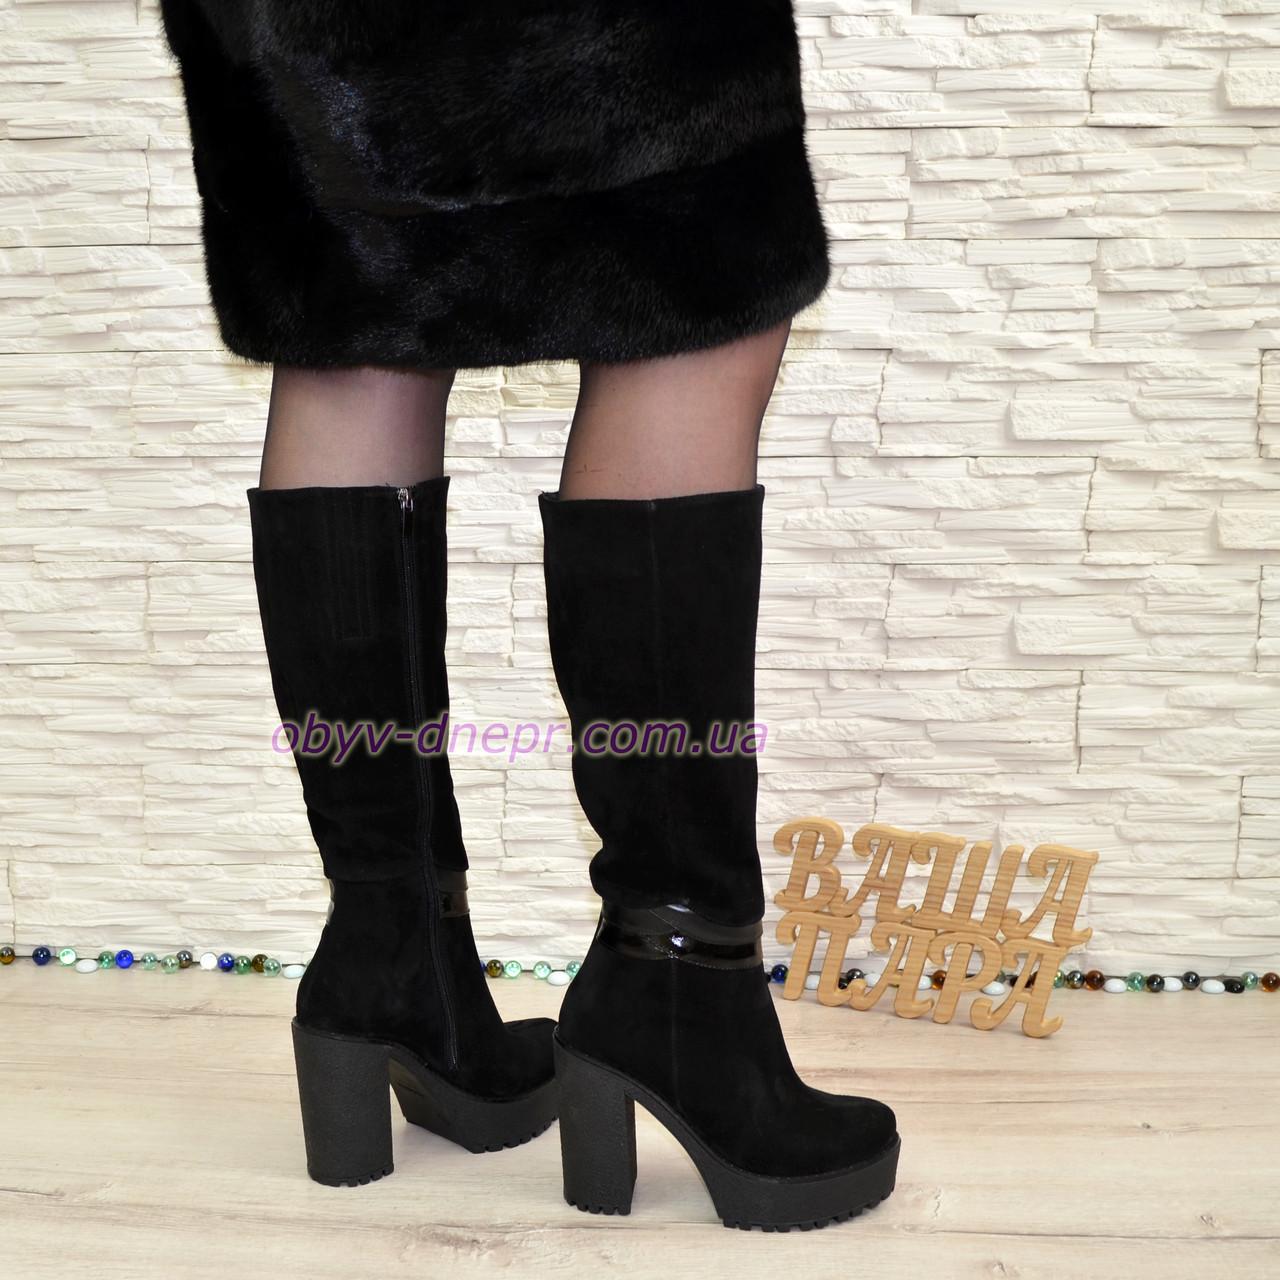 Женские зимние замшевые сапоги на высоком каблуке, декорированы вставками из кожи и лаковой кожи.